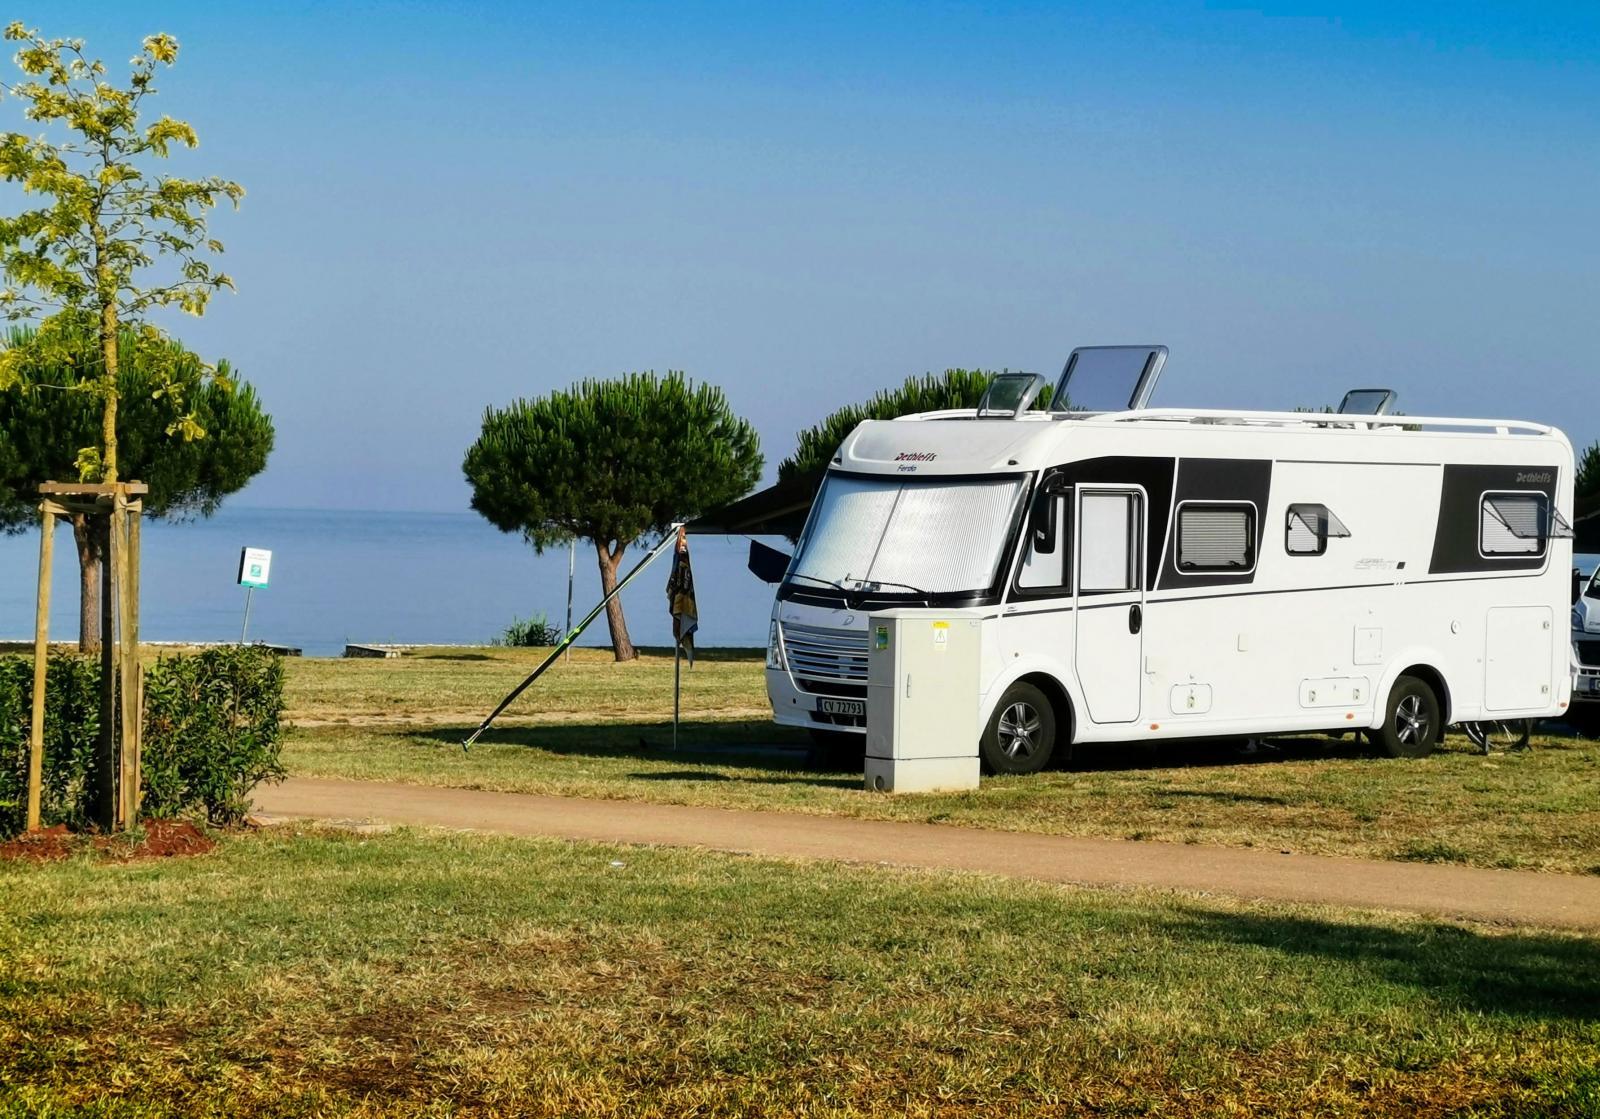 Campingen är flera kilometer lång och har många vackra platser med el, vatten och havsutsikt. Som gjort för både morgon- och kvällsdopp.